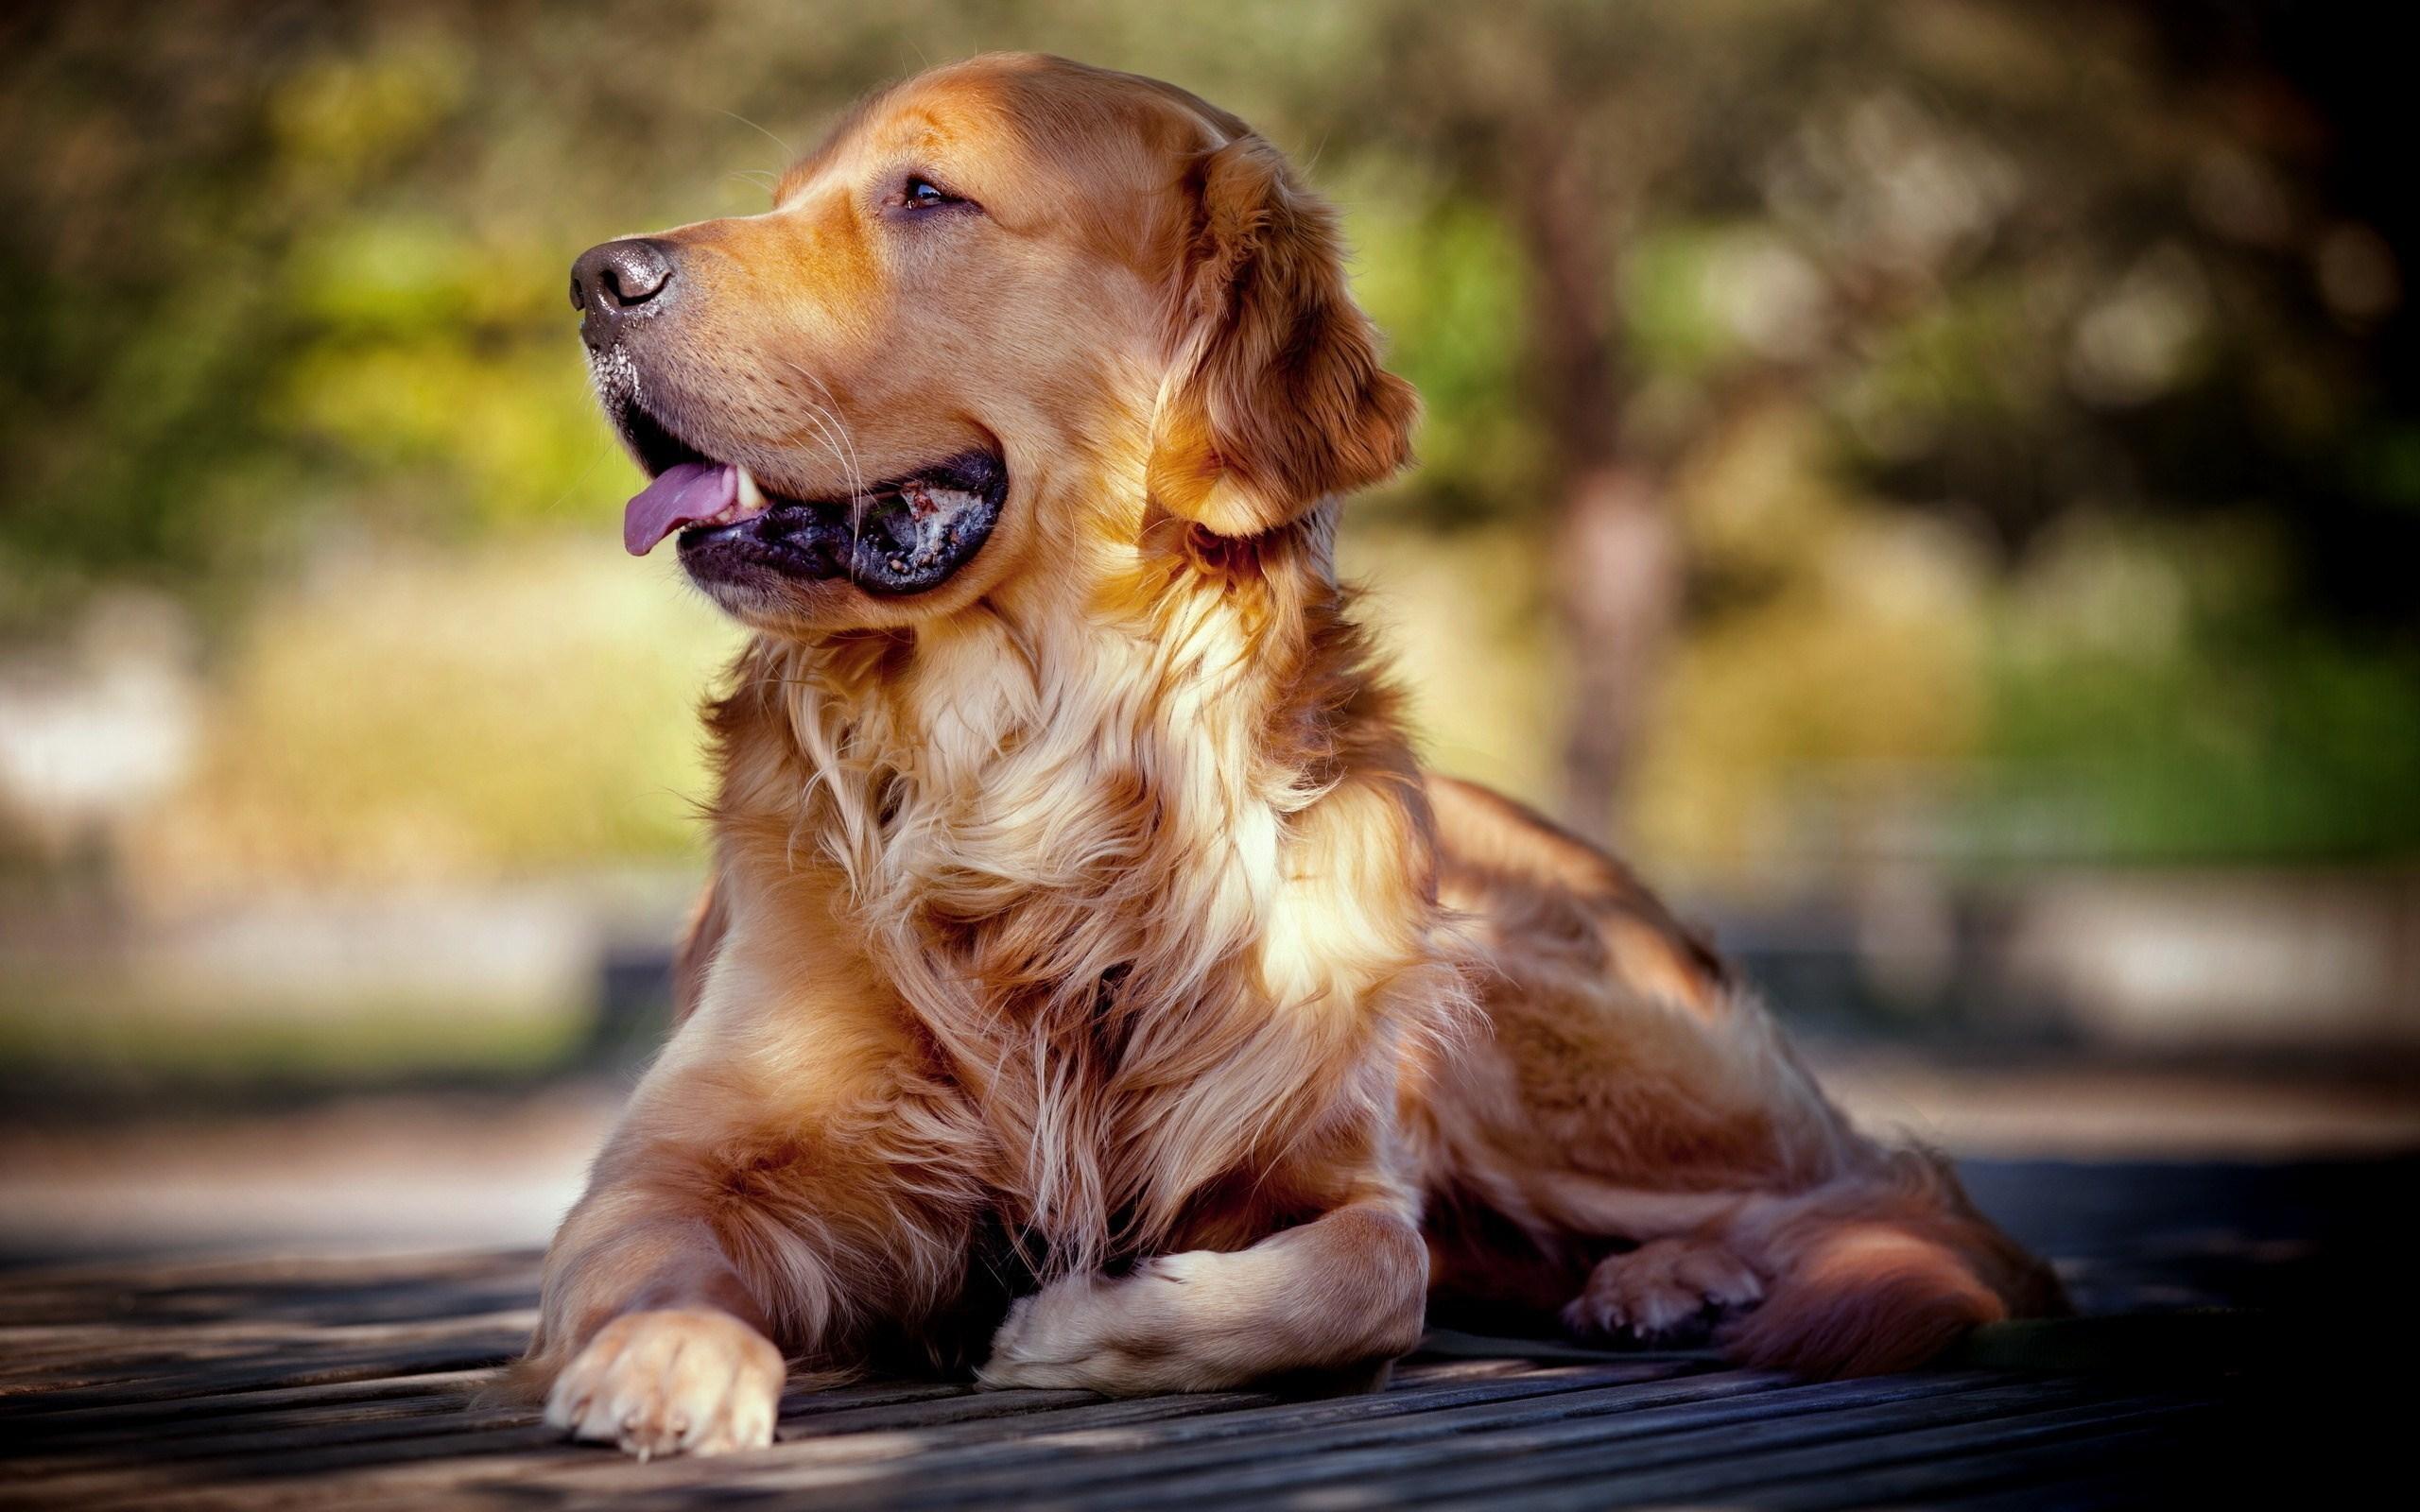 Dog Friend Golden Retriever